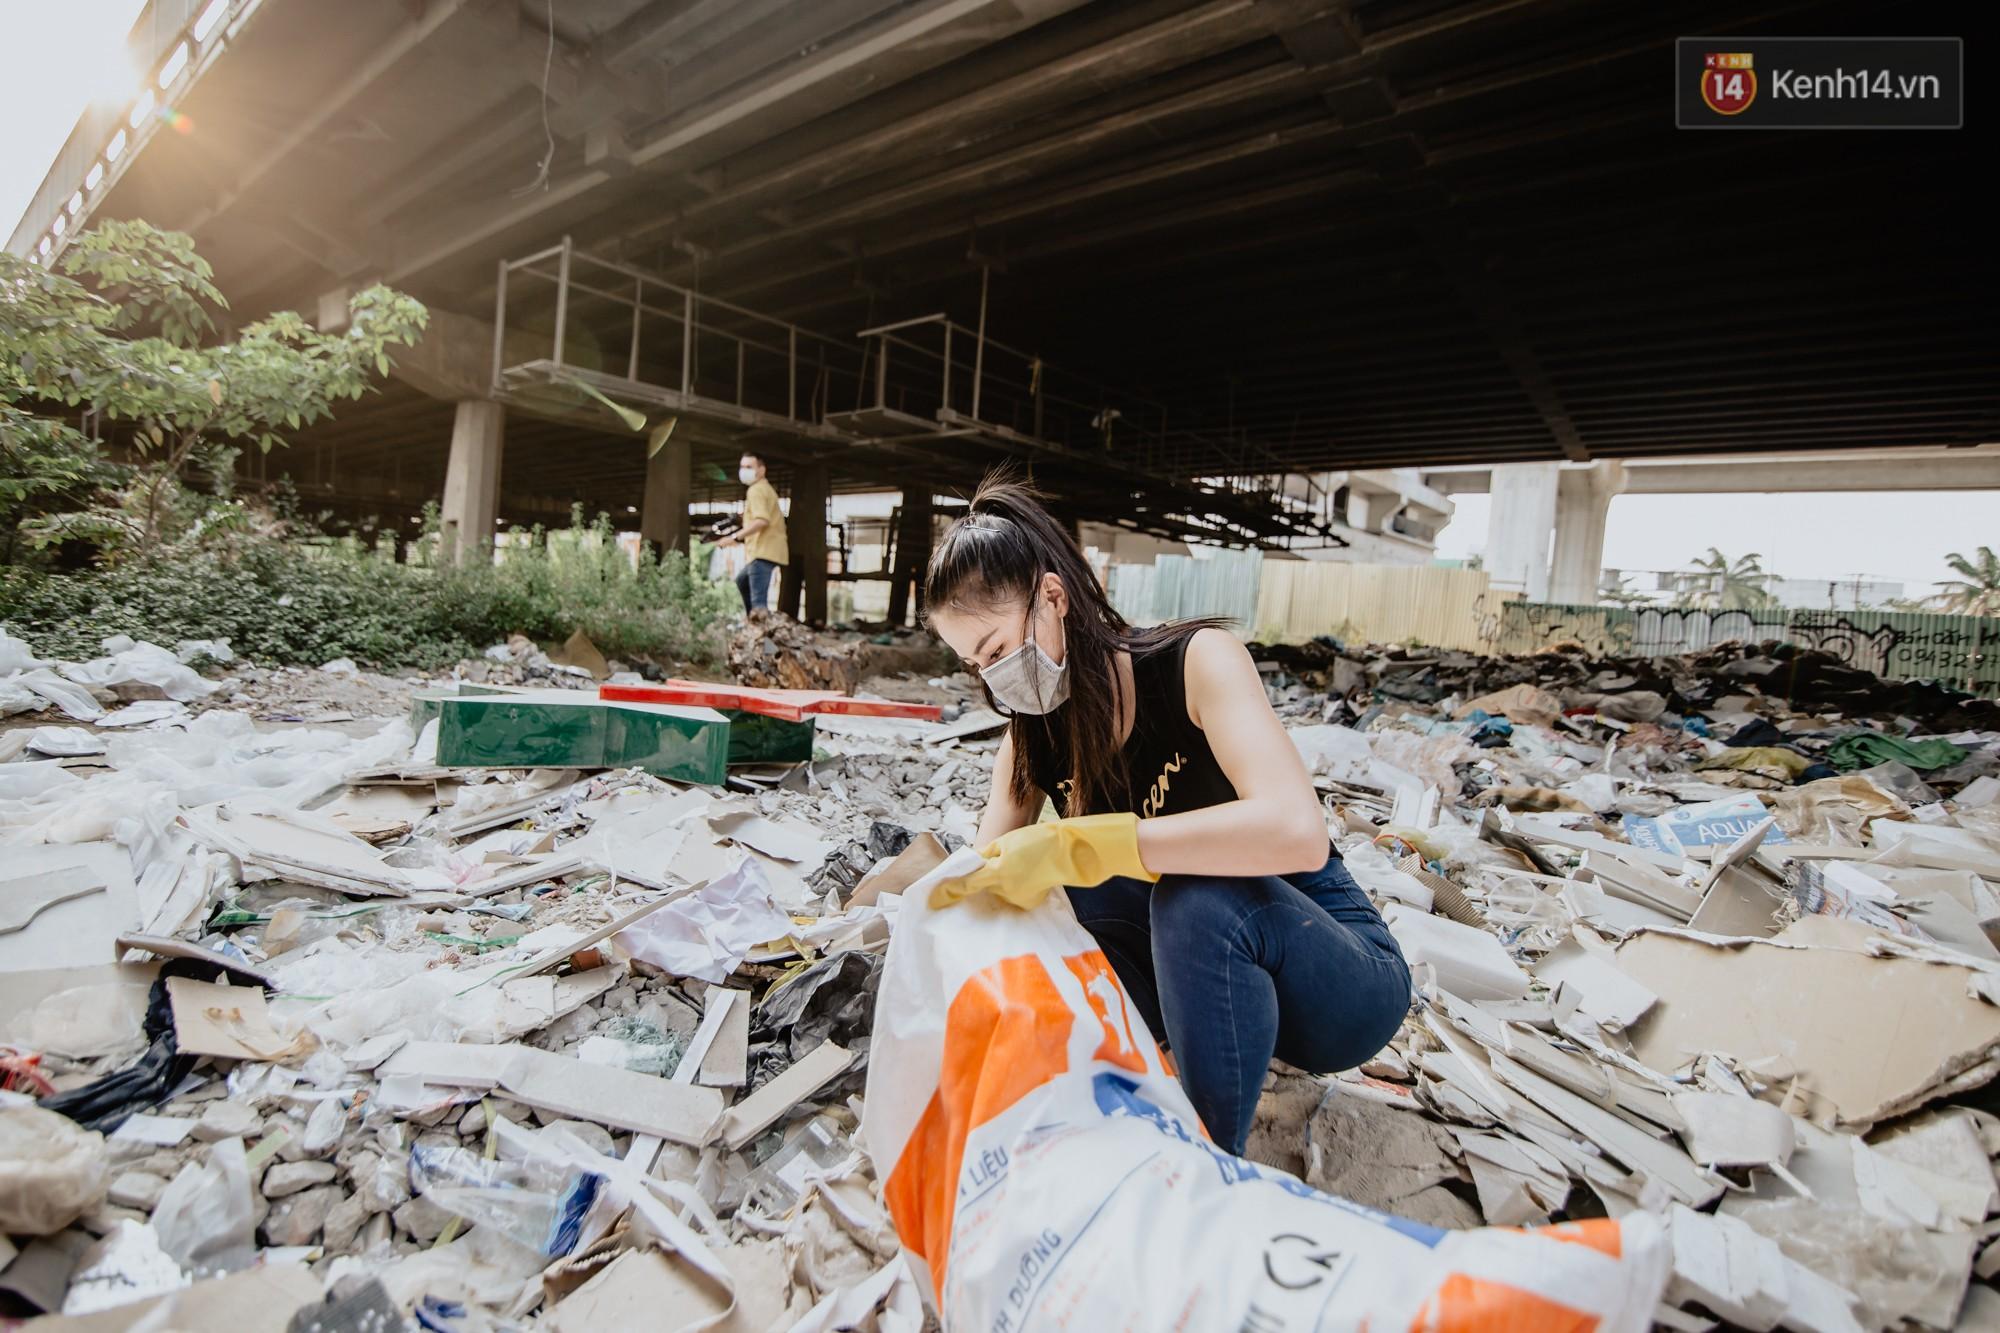 """Hoa hậu Phương Khánh, Han Sara và nhóm Uni5 nhiệt tình thực hiện """"Thử thách dọn rác"""", làm sạch rác dưới chân cầu Sài Gòn - Ảnh 2."""